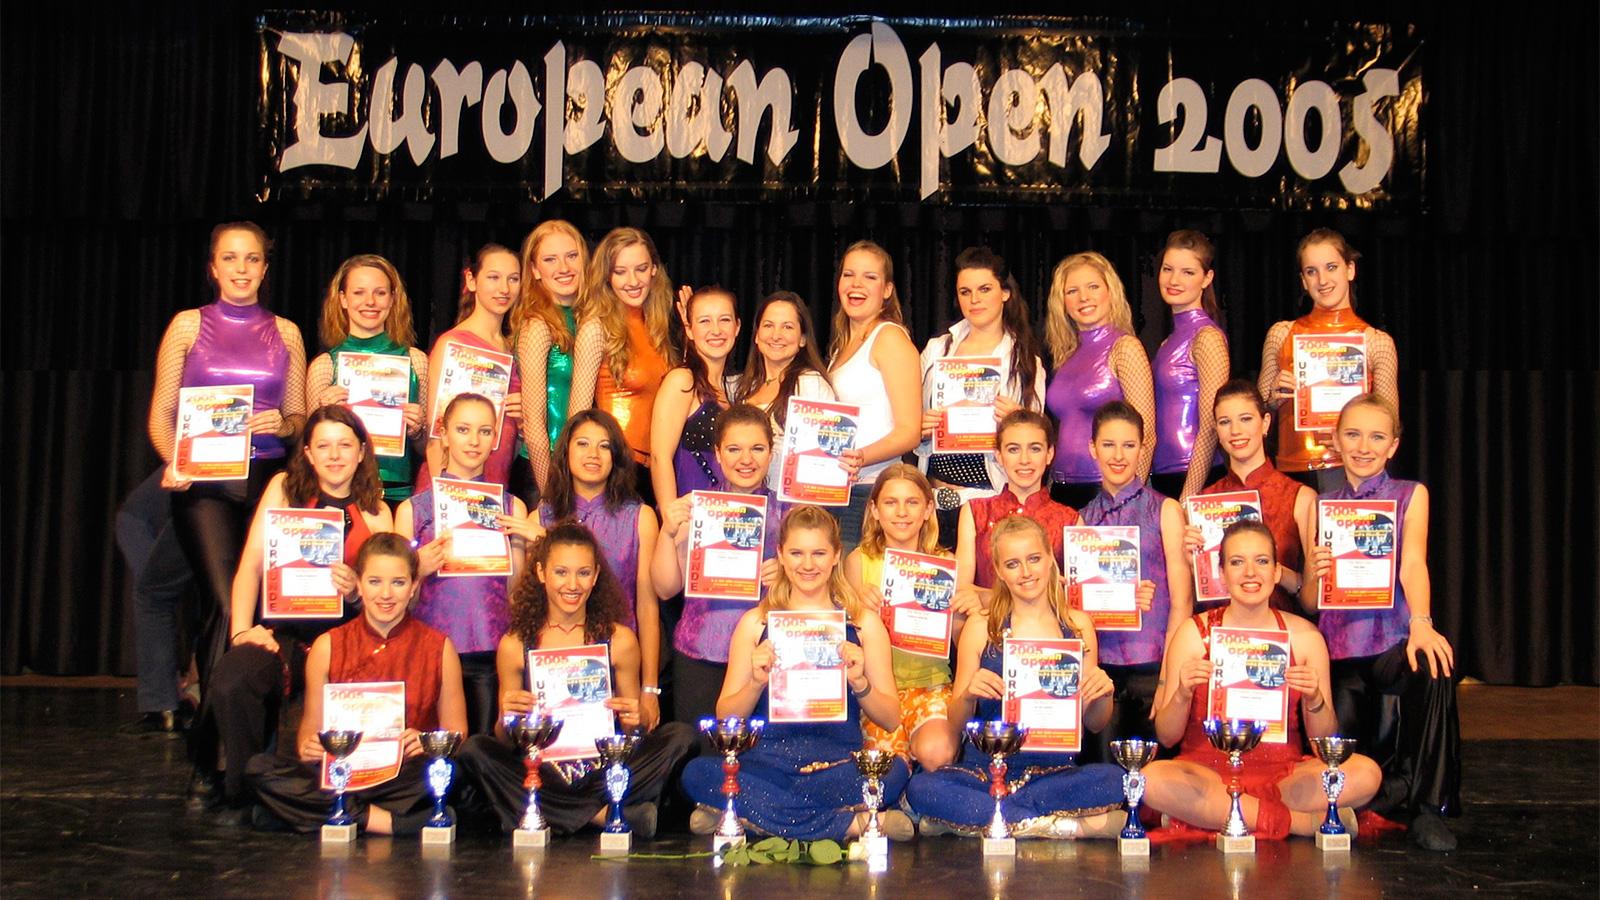 European Open 2005